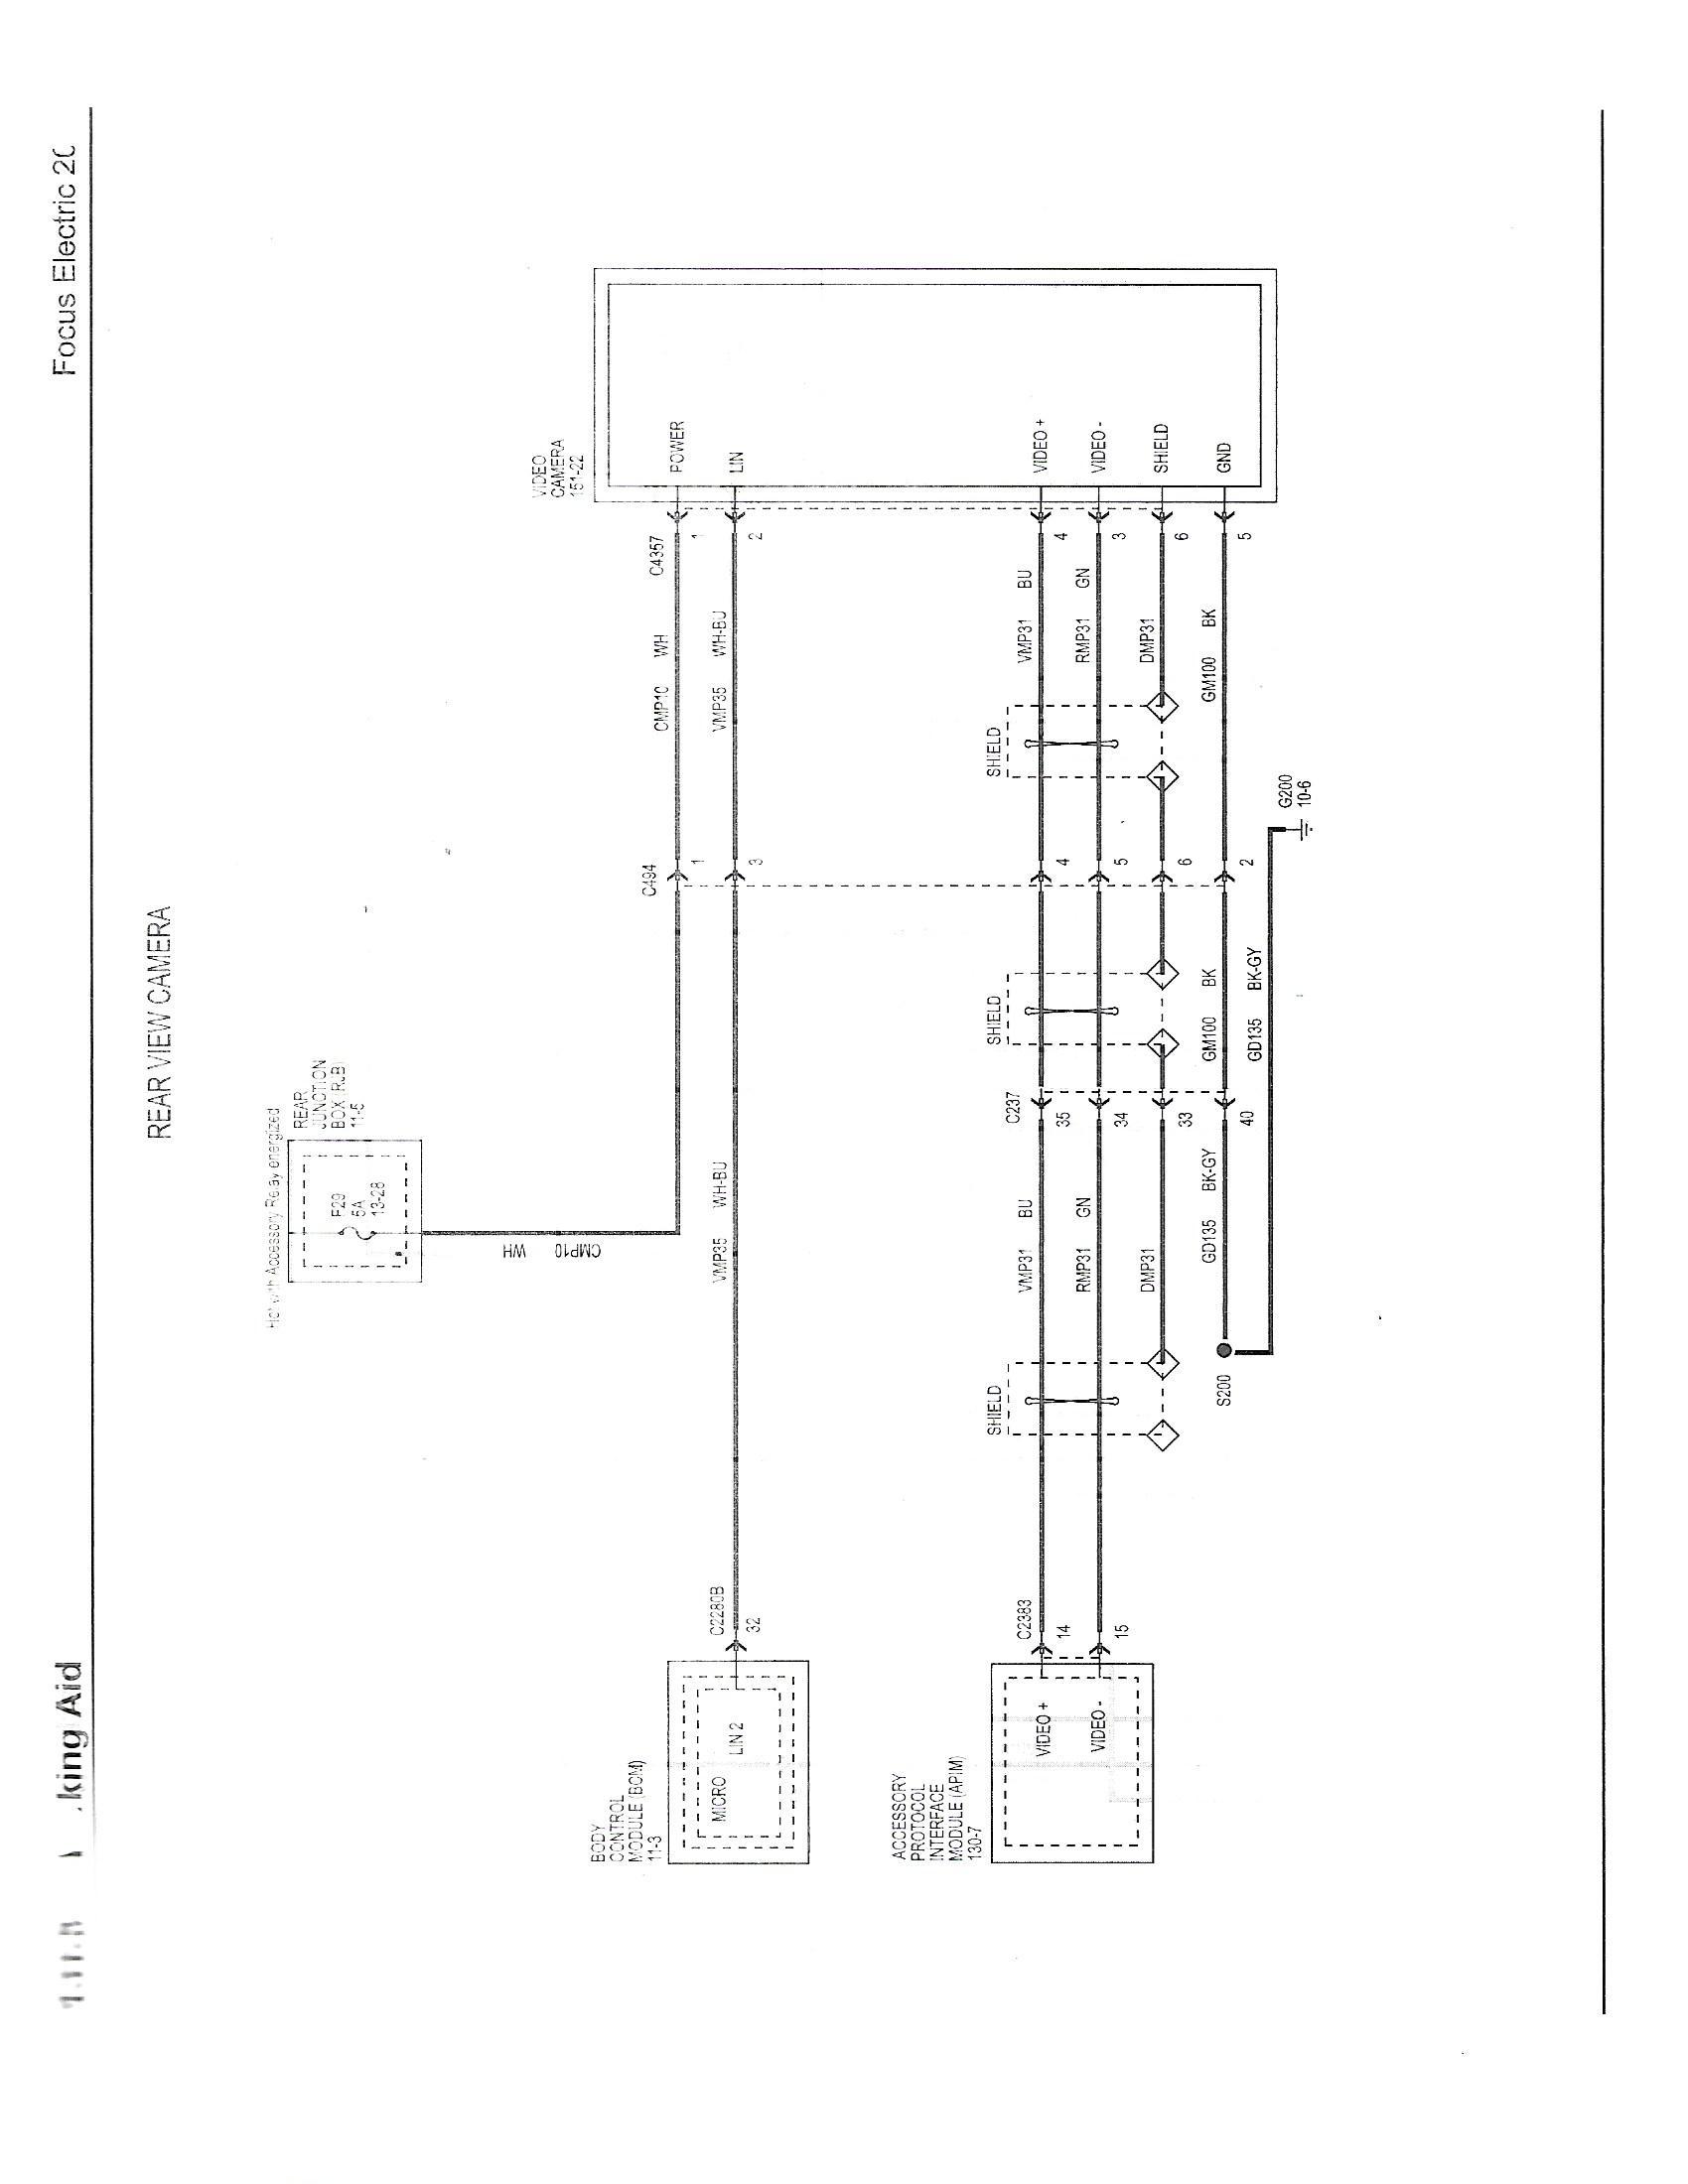 accessory protocol interface module